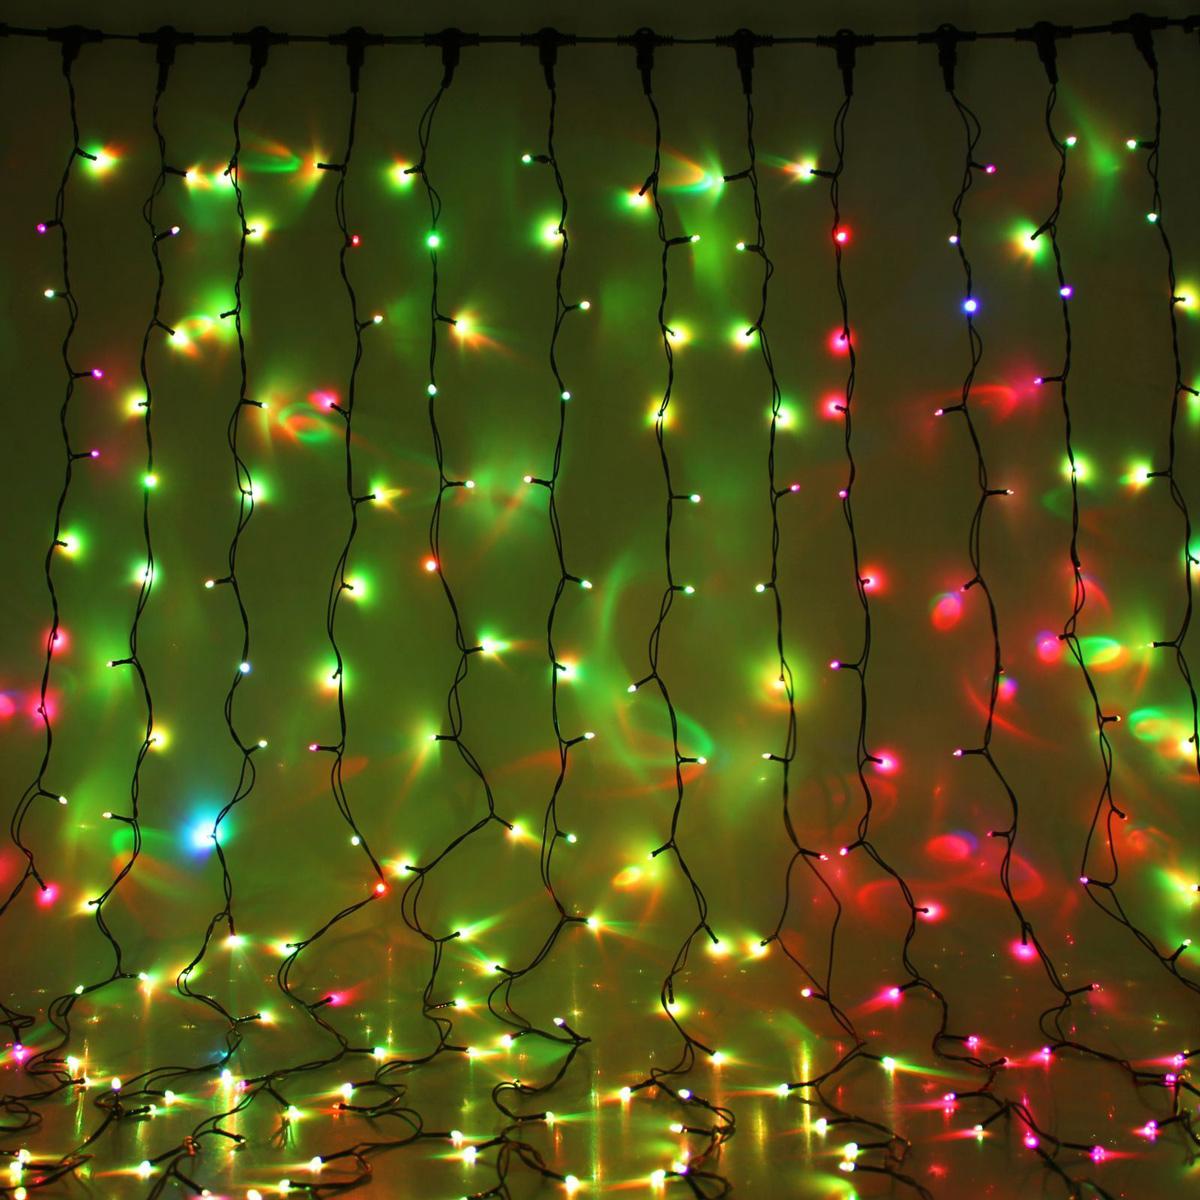 Гирлянда светодиодная Luazon Занавес, цвет: мультиколор, уличная, 1440 ламп, 220 V, 2 х 6 м. 10802861080286Гирлянда светодиодная Luazon Занавес - это отличный вариант для новогоднего оформления интерьера или фасада. С ее помощью помещение любого размера можно превратить в праздничный зал, а внешние элементы зданий, украшенные гирляндой, мгновенно станут напоминать очертания сказочного дворца. Такое украшение создаст ауру предвкушения чуда. Деревья, фасады, витрины, окна и арки будто специально созданы, чтобы вы украсили их светящимися нитями.